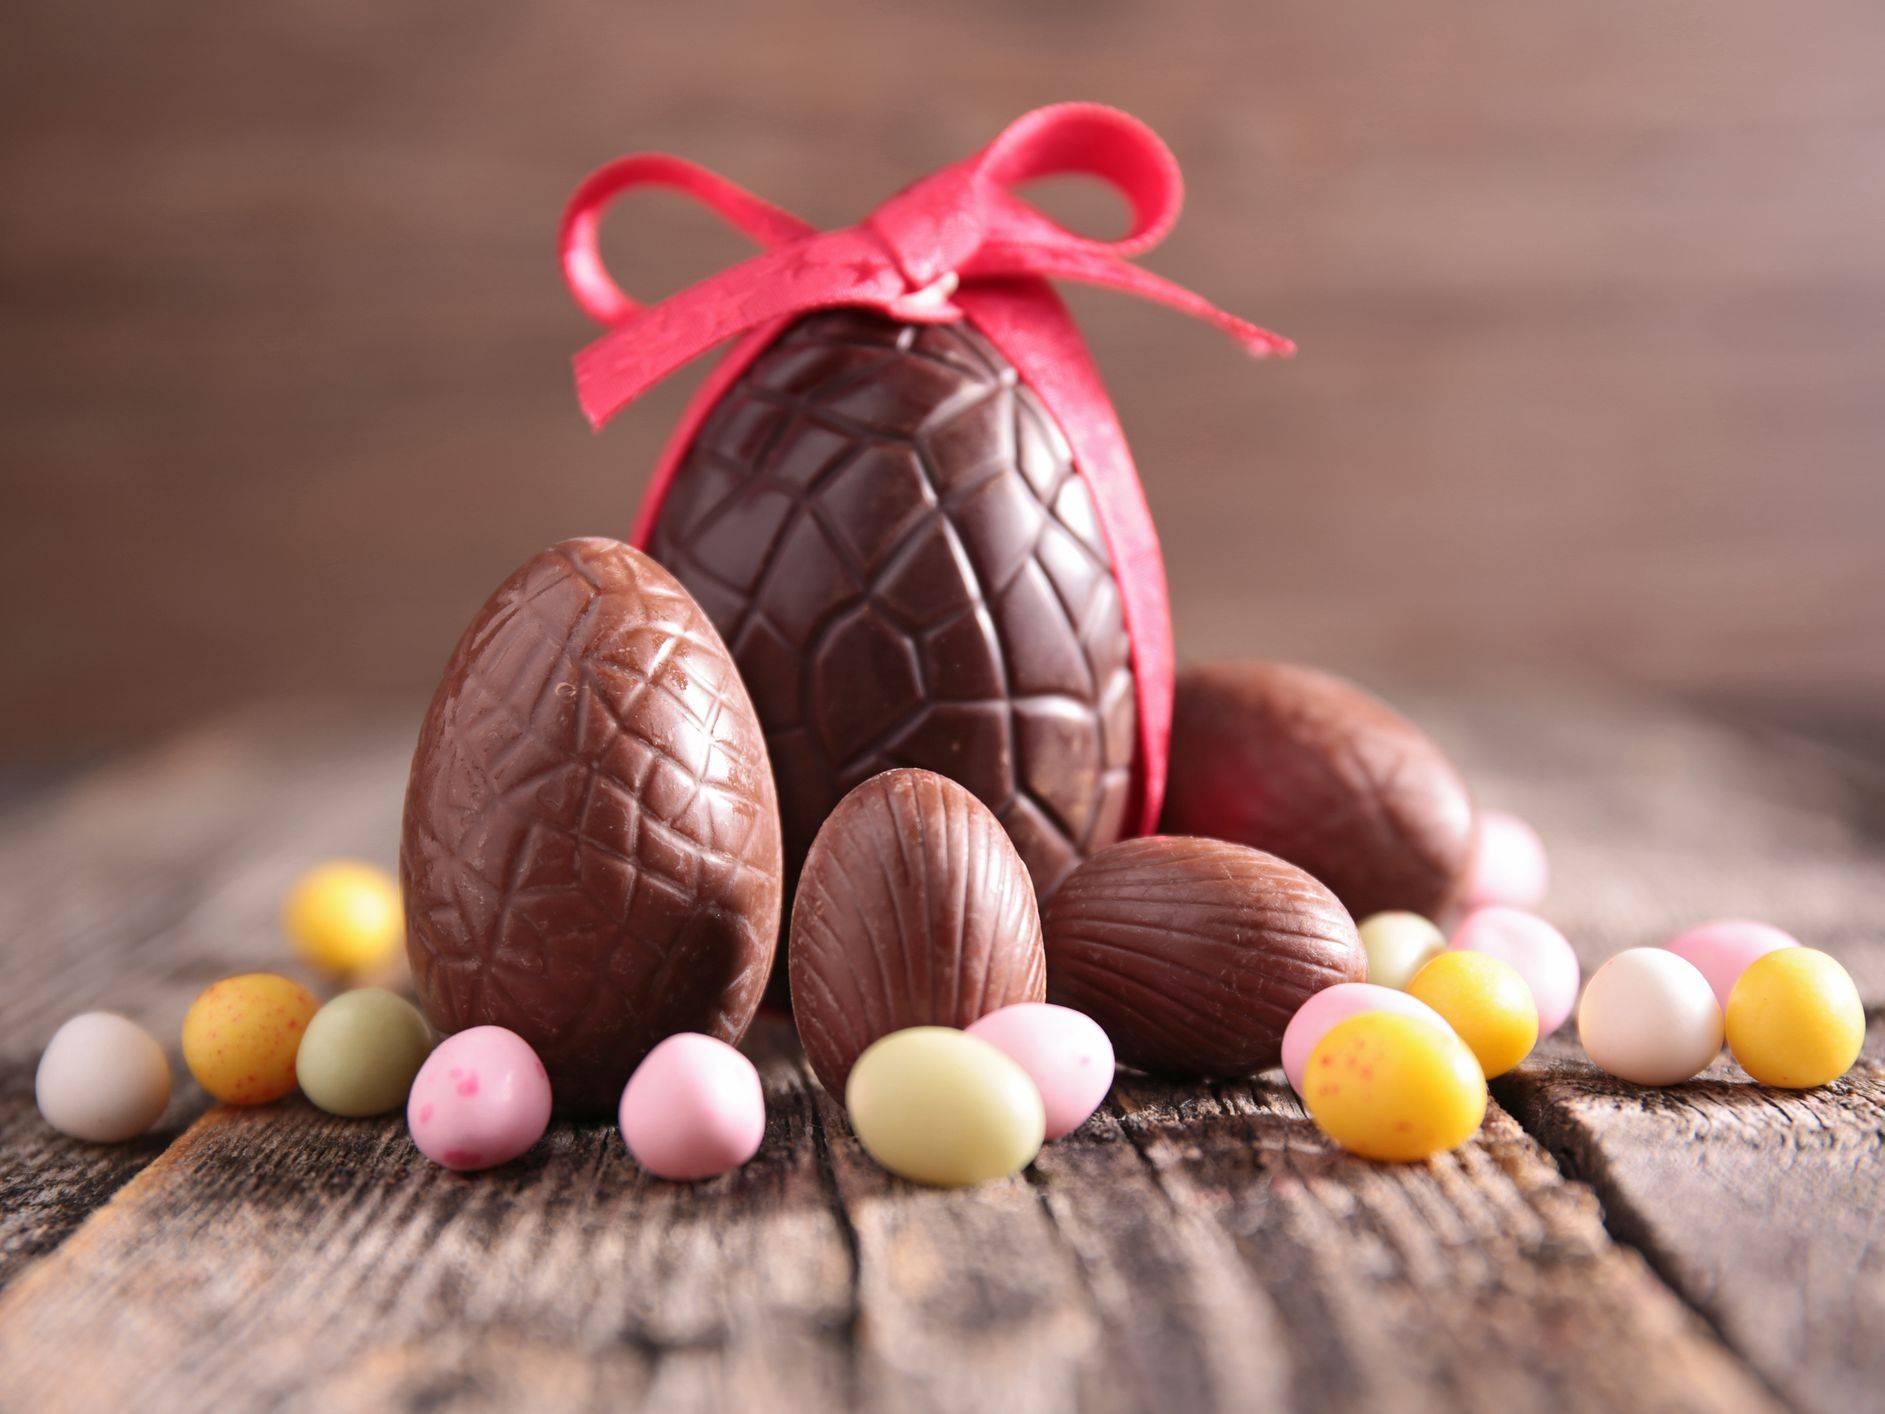 Cât de nocive sunt dulciurile pe care copiii le consumă de Paște?